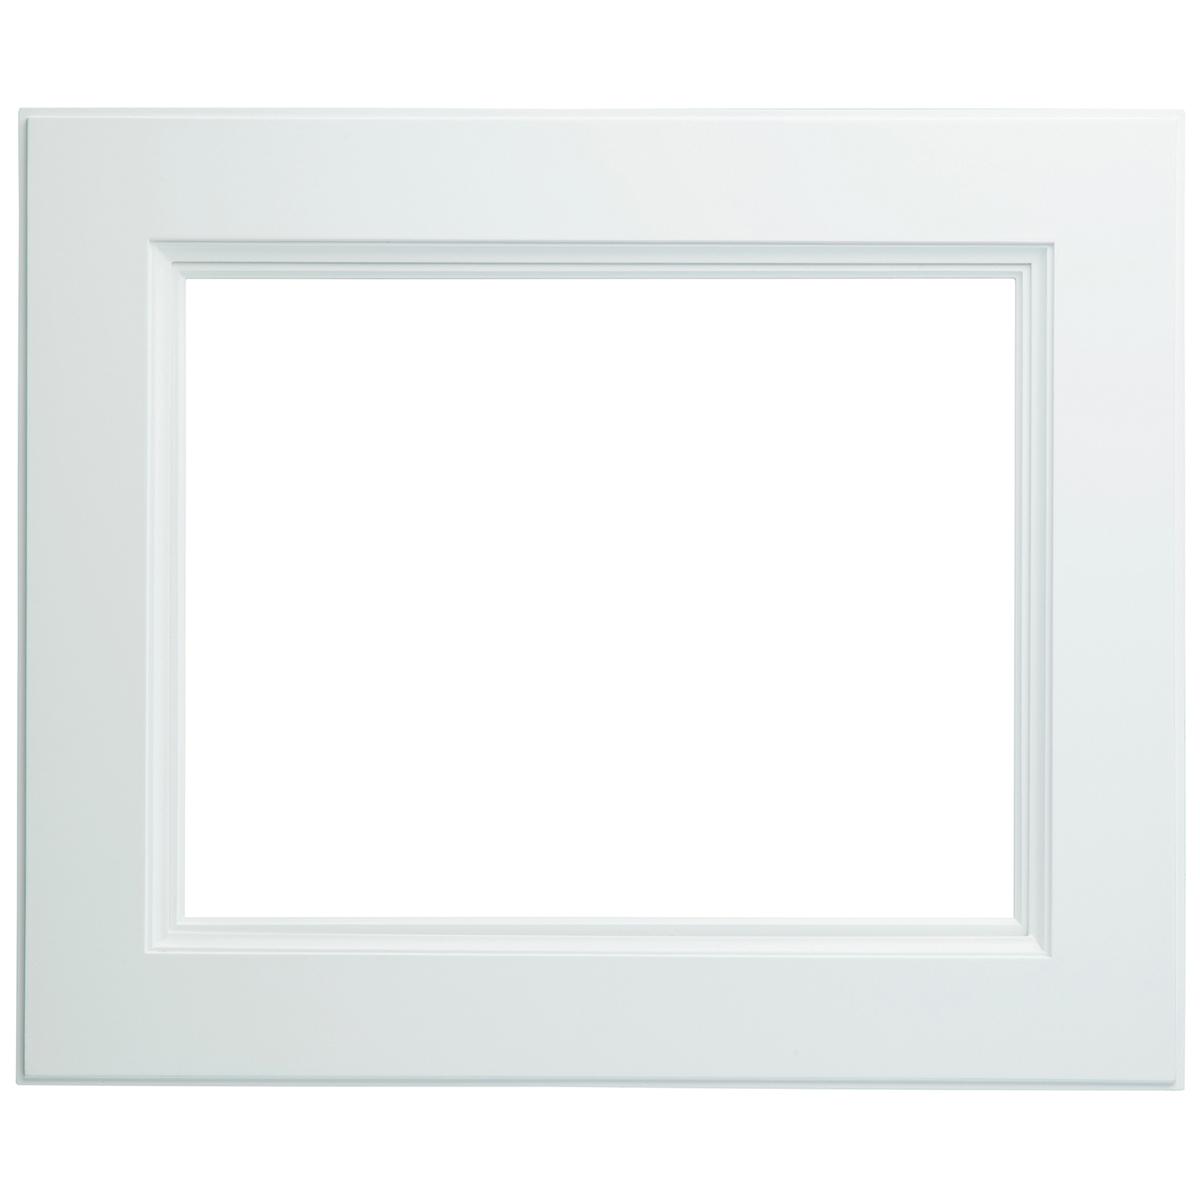 ラーソン・ジュール 油絵用額縁 A263 P12 ホワイト